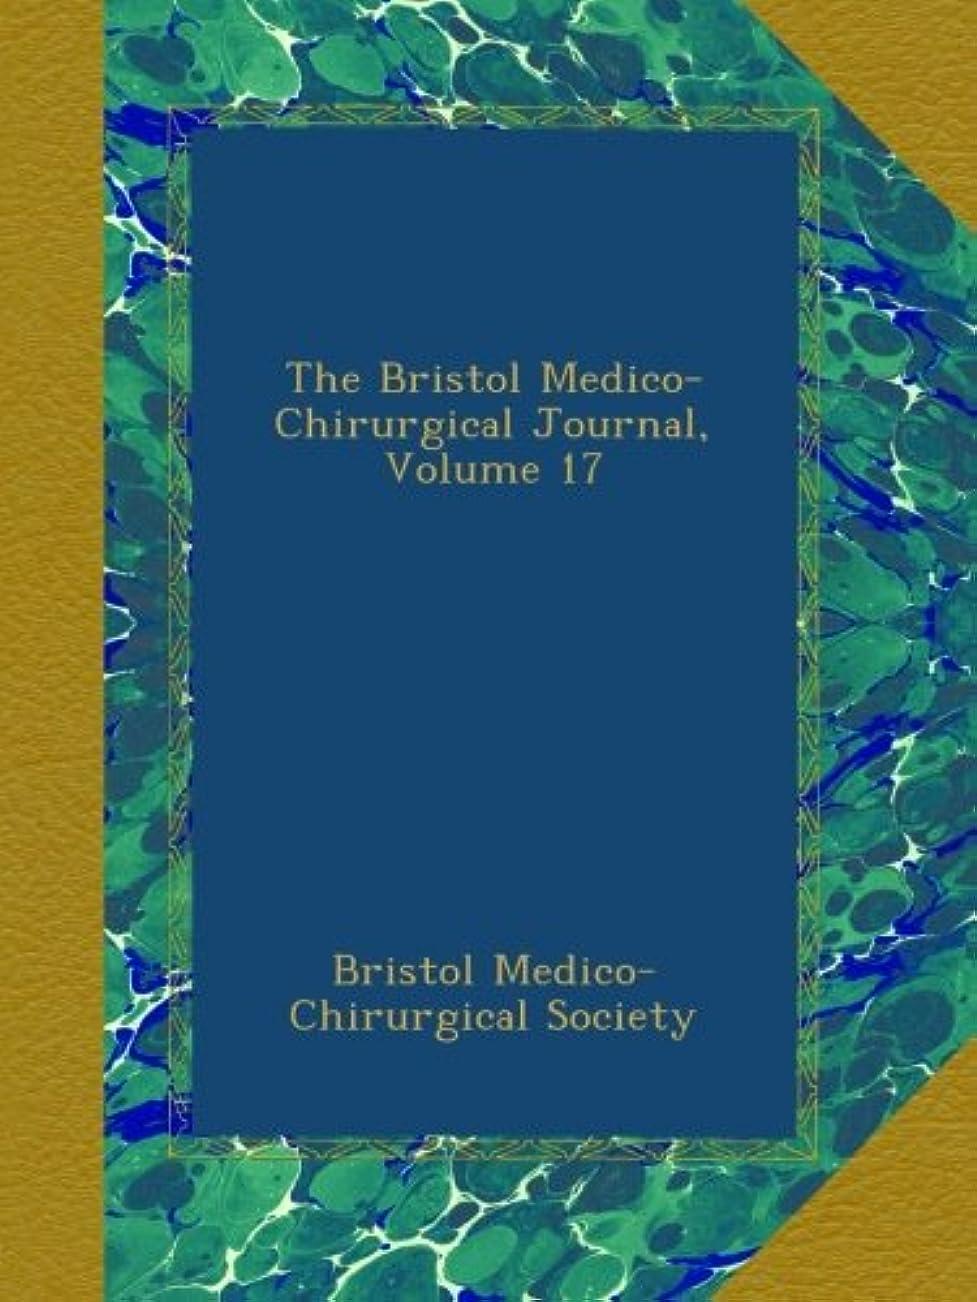 クリスマススーダン群れThe Bristol Medico-Chirurgical Journal, Volume 17